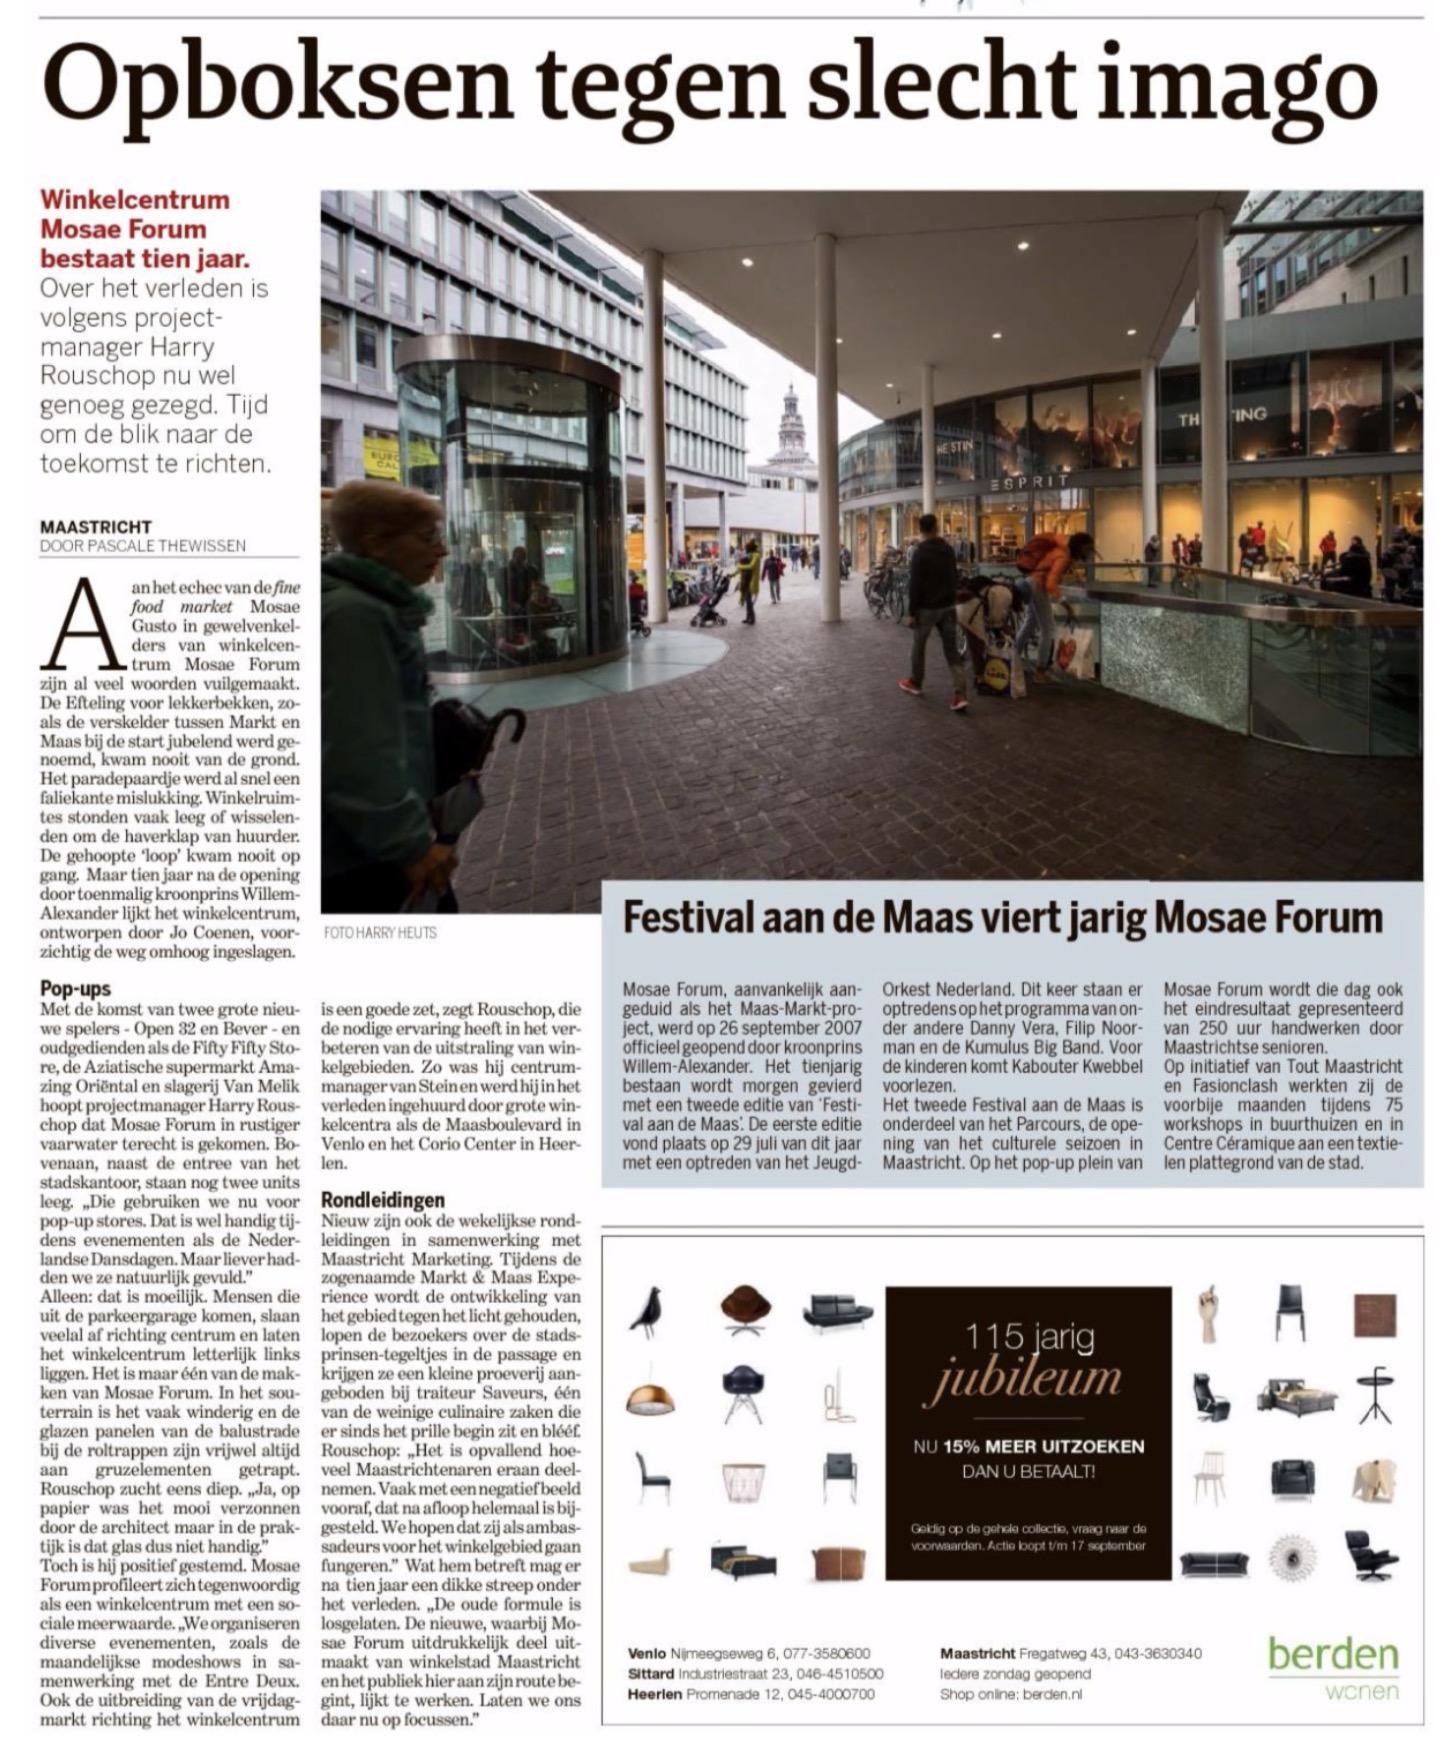 Winkelcentrum Mosae Forum bestaat 10 jaar